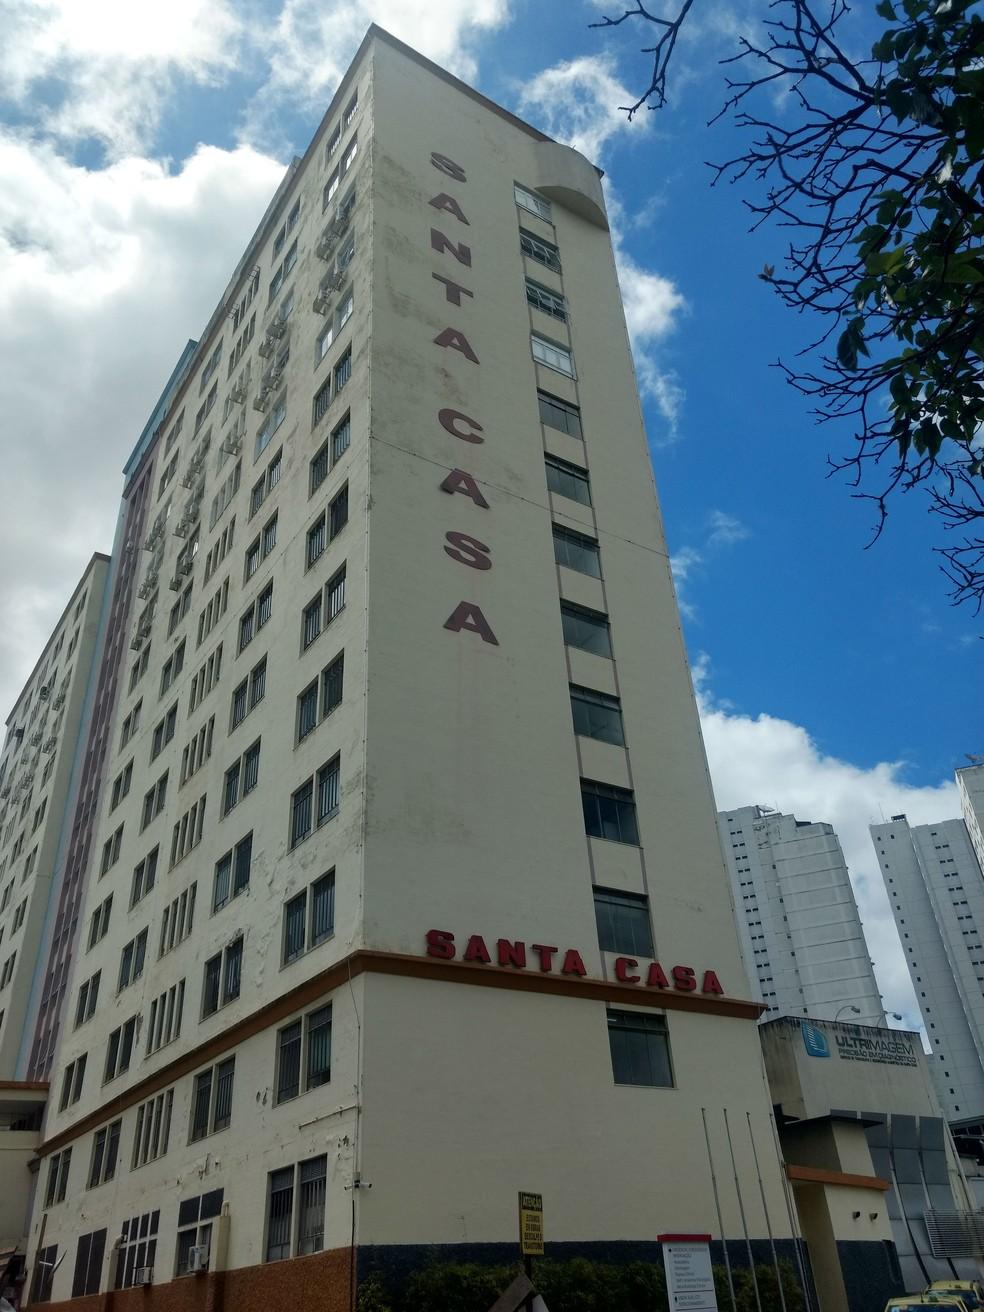 Doações feitas por apoiadores de Bolsonaro devem viabilizar um novo CTI na Santa Casa de Misericórdia de Juiz de Fora — Foto: Roberta Oliveira/G1